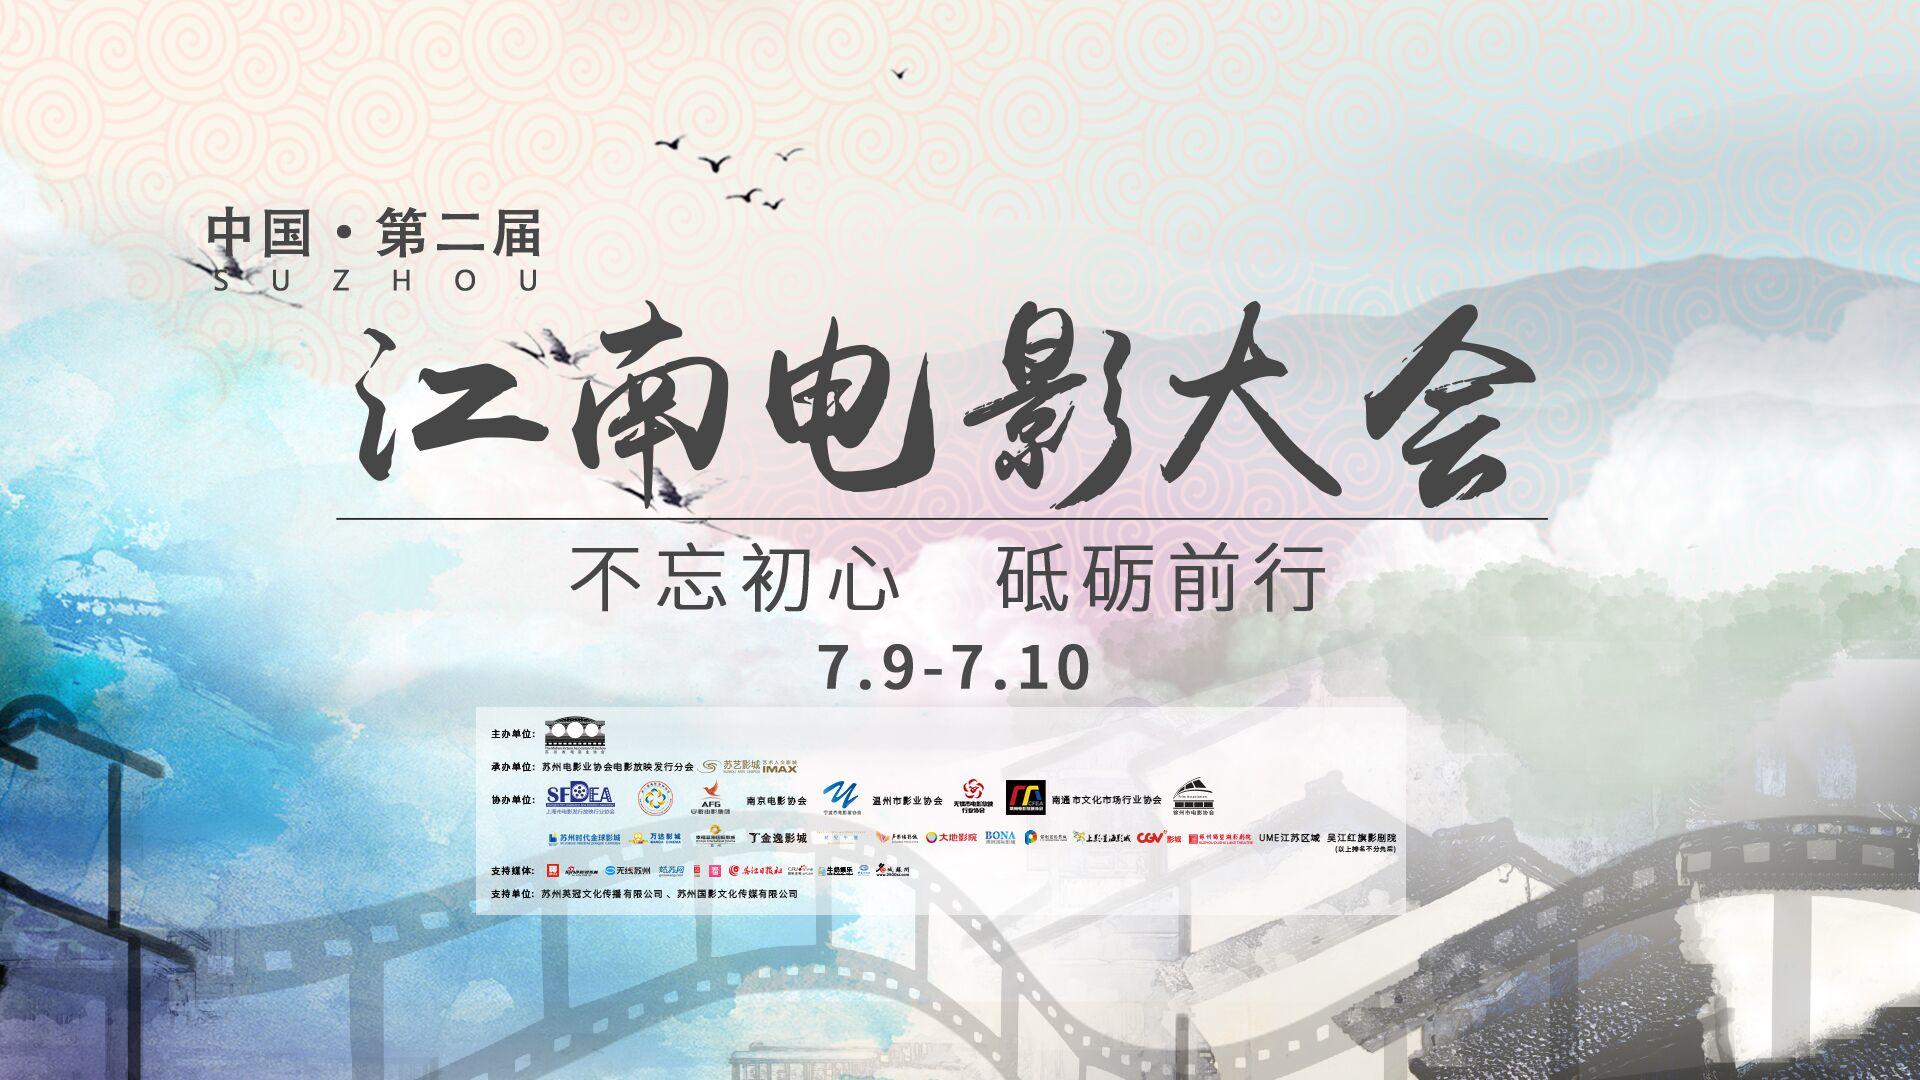 第二届江南电影大会,嗨影模式或将成为未来电影发展趋势